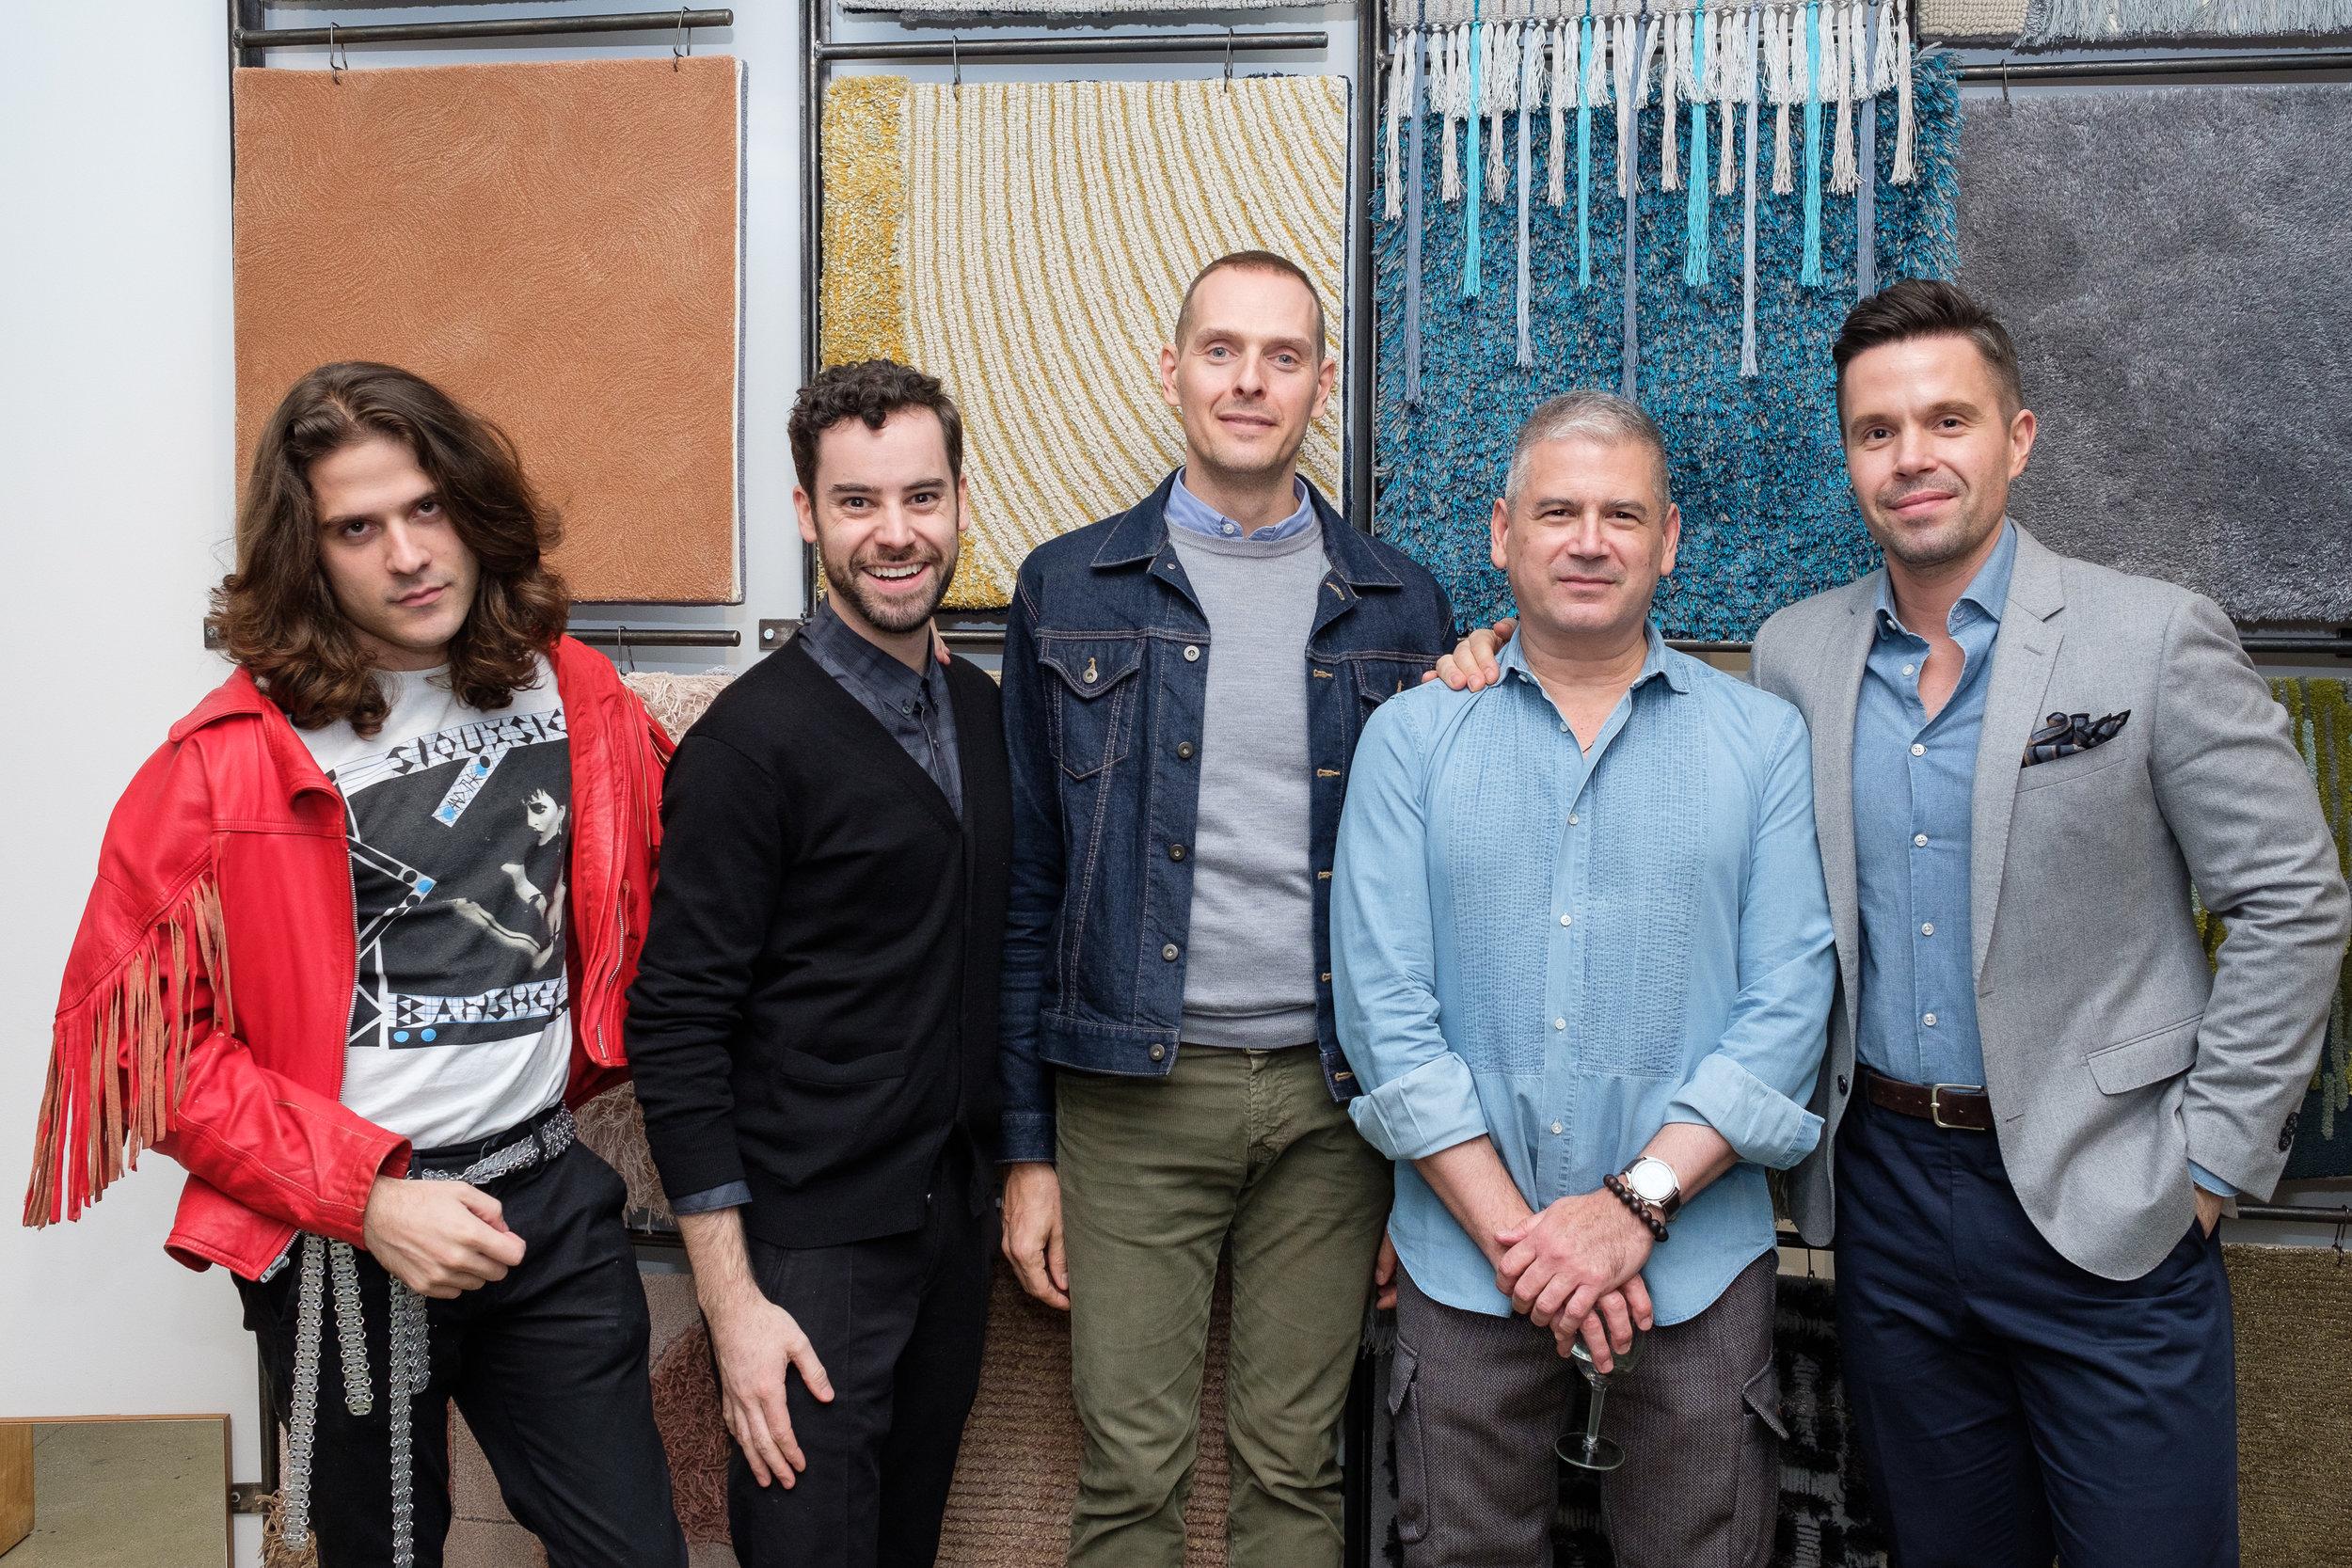 Agustin Rein (Peter Marino), Derik Bradley (Holly Hunt), Stefan Steil (Steilish Interiors), Fabio Mejia (Edward Fields), Andrew Torrey (BA Torrey)